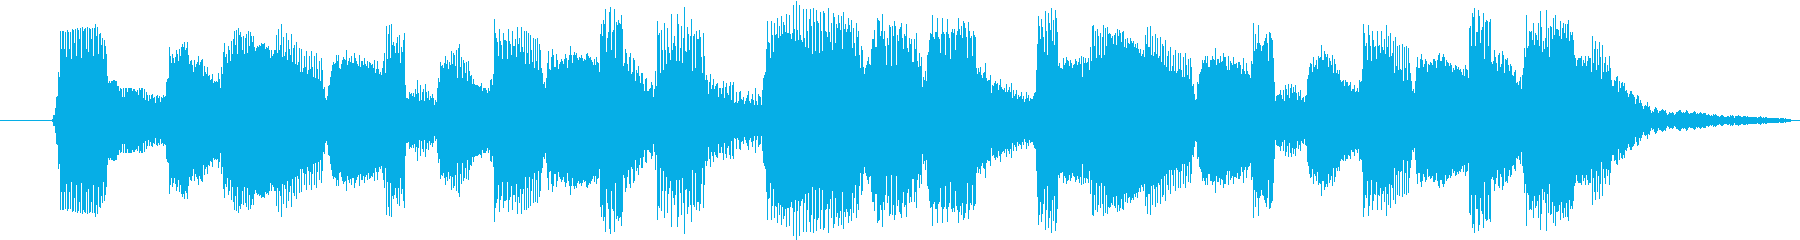 ファミコン風ゲームクリア時のジングルですの再生済みの波形